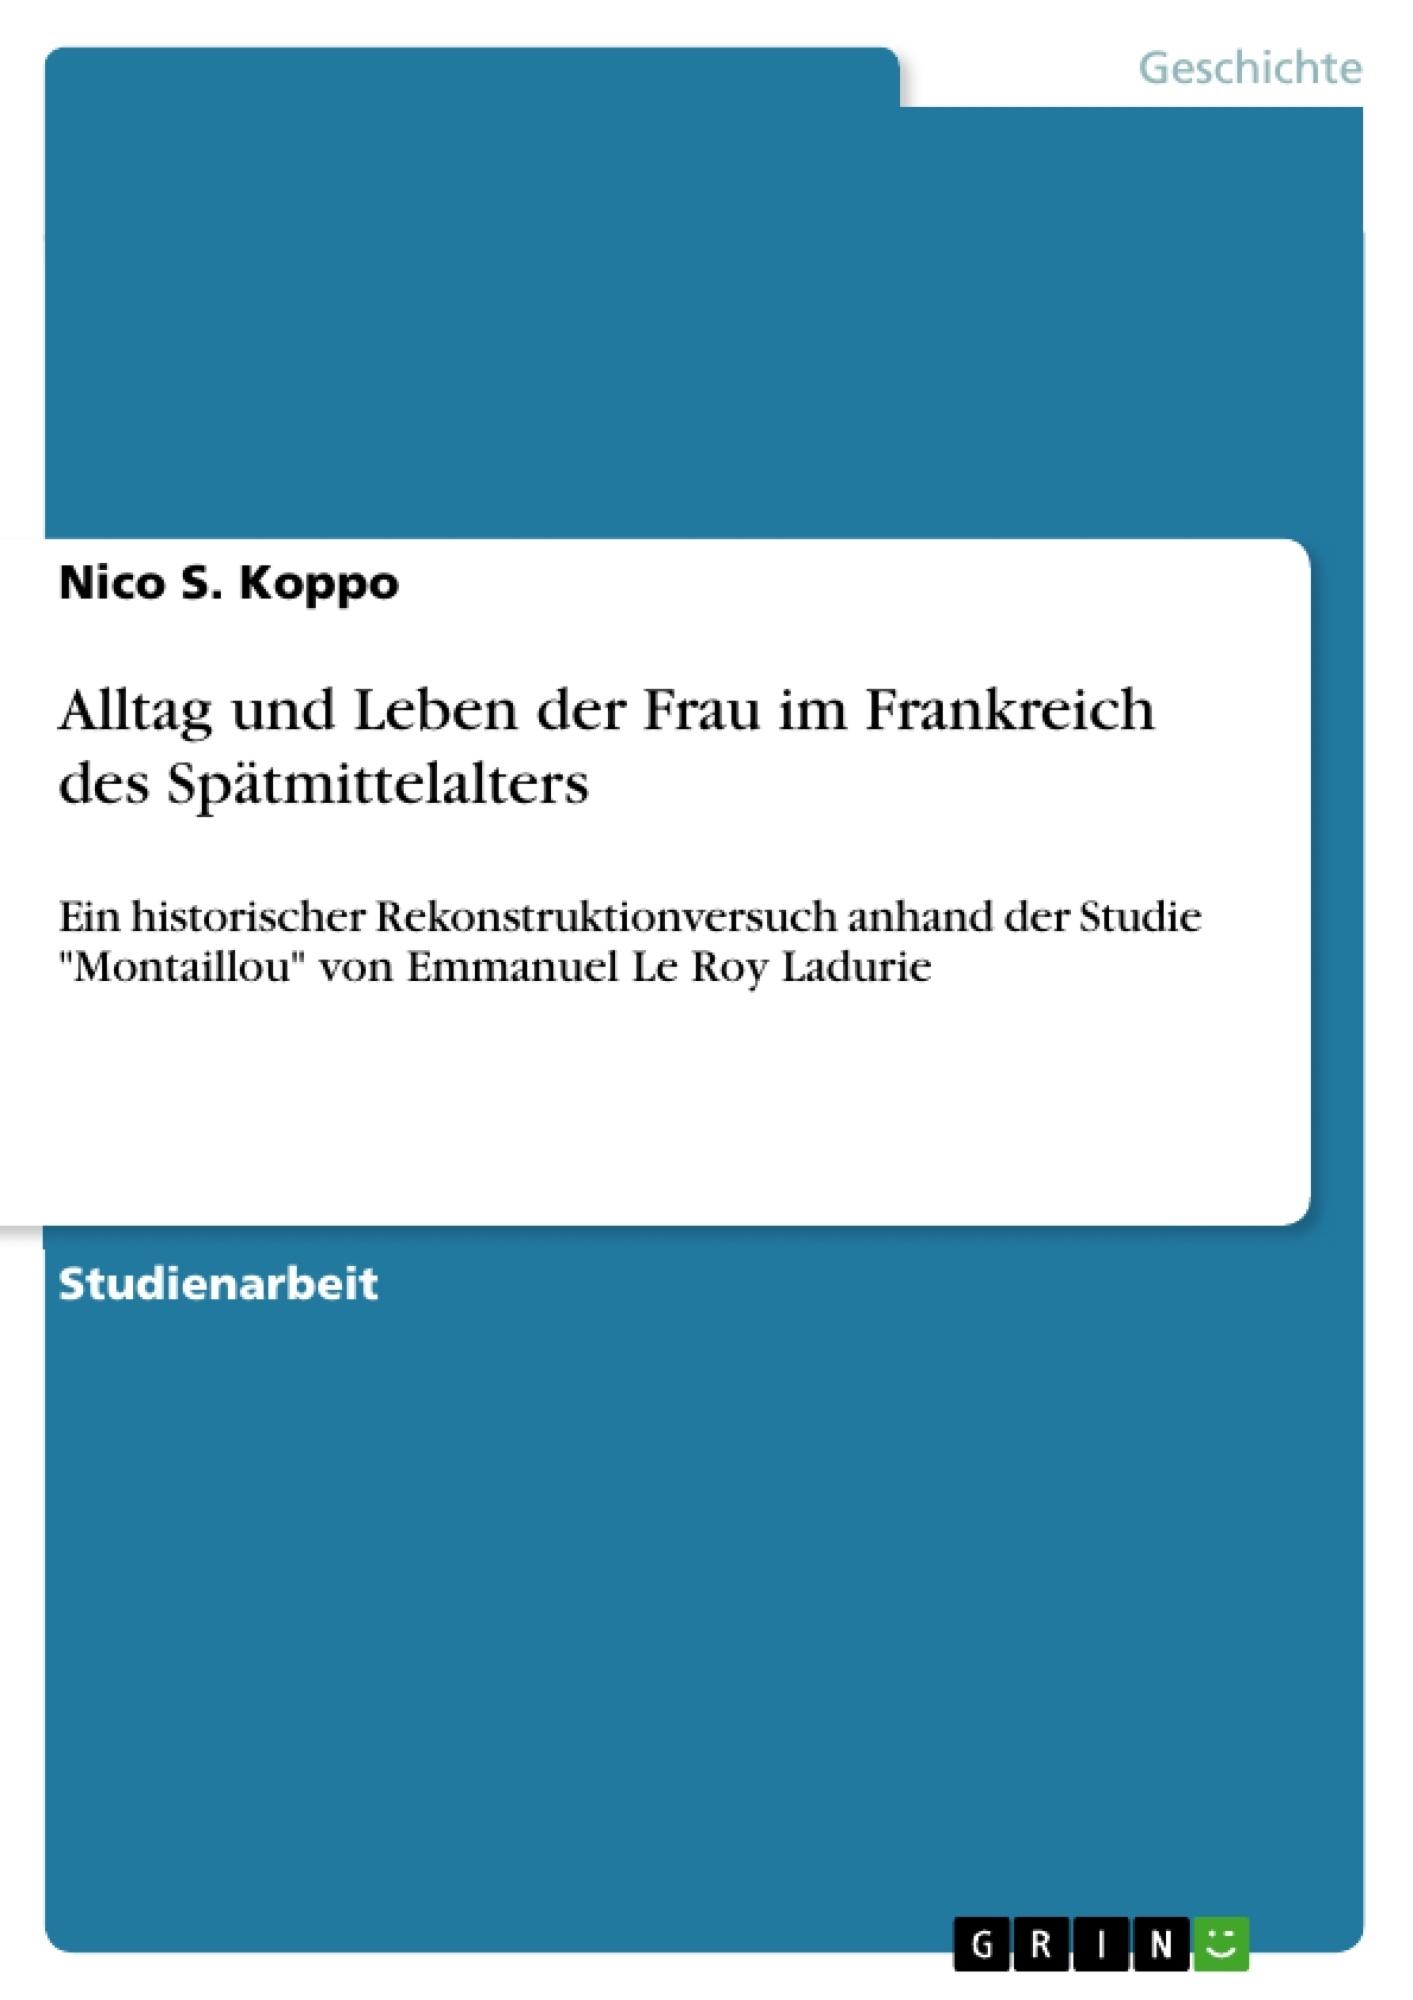 Titel: Alltag und Leben der Frau im Frankreich des Spätmittelalters